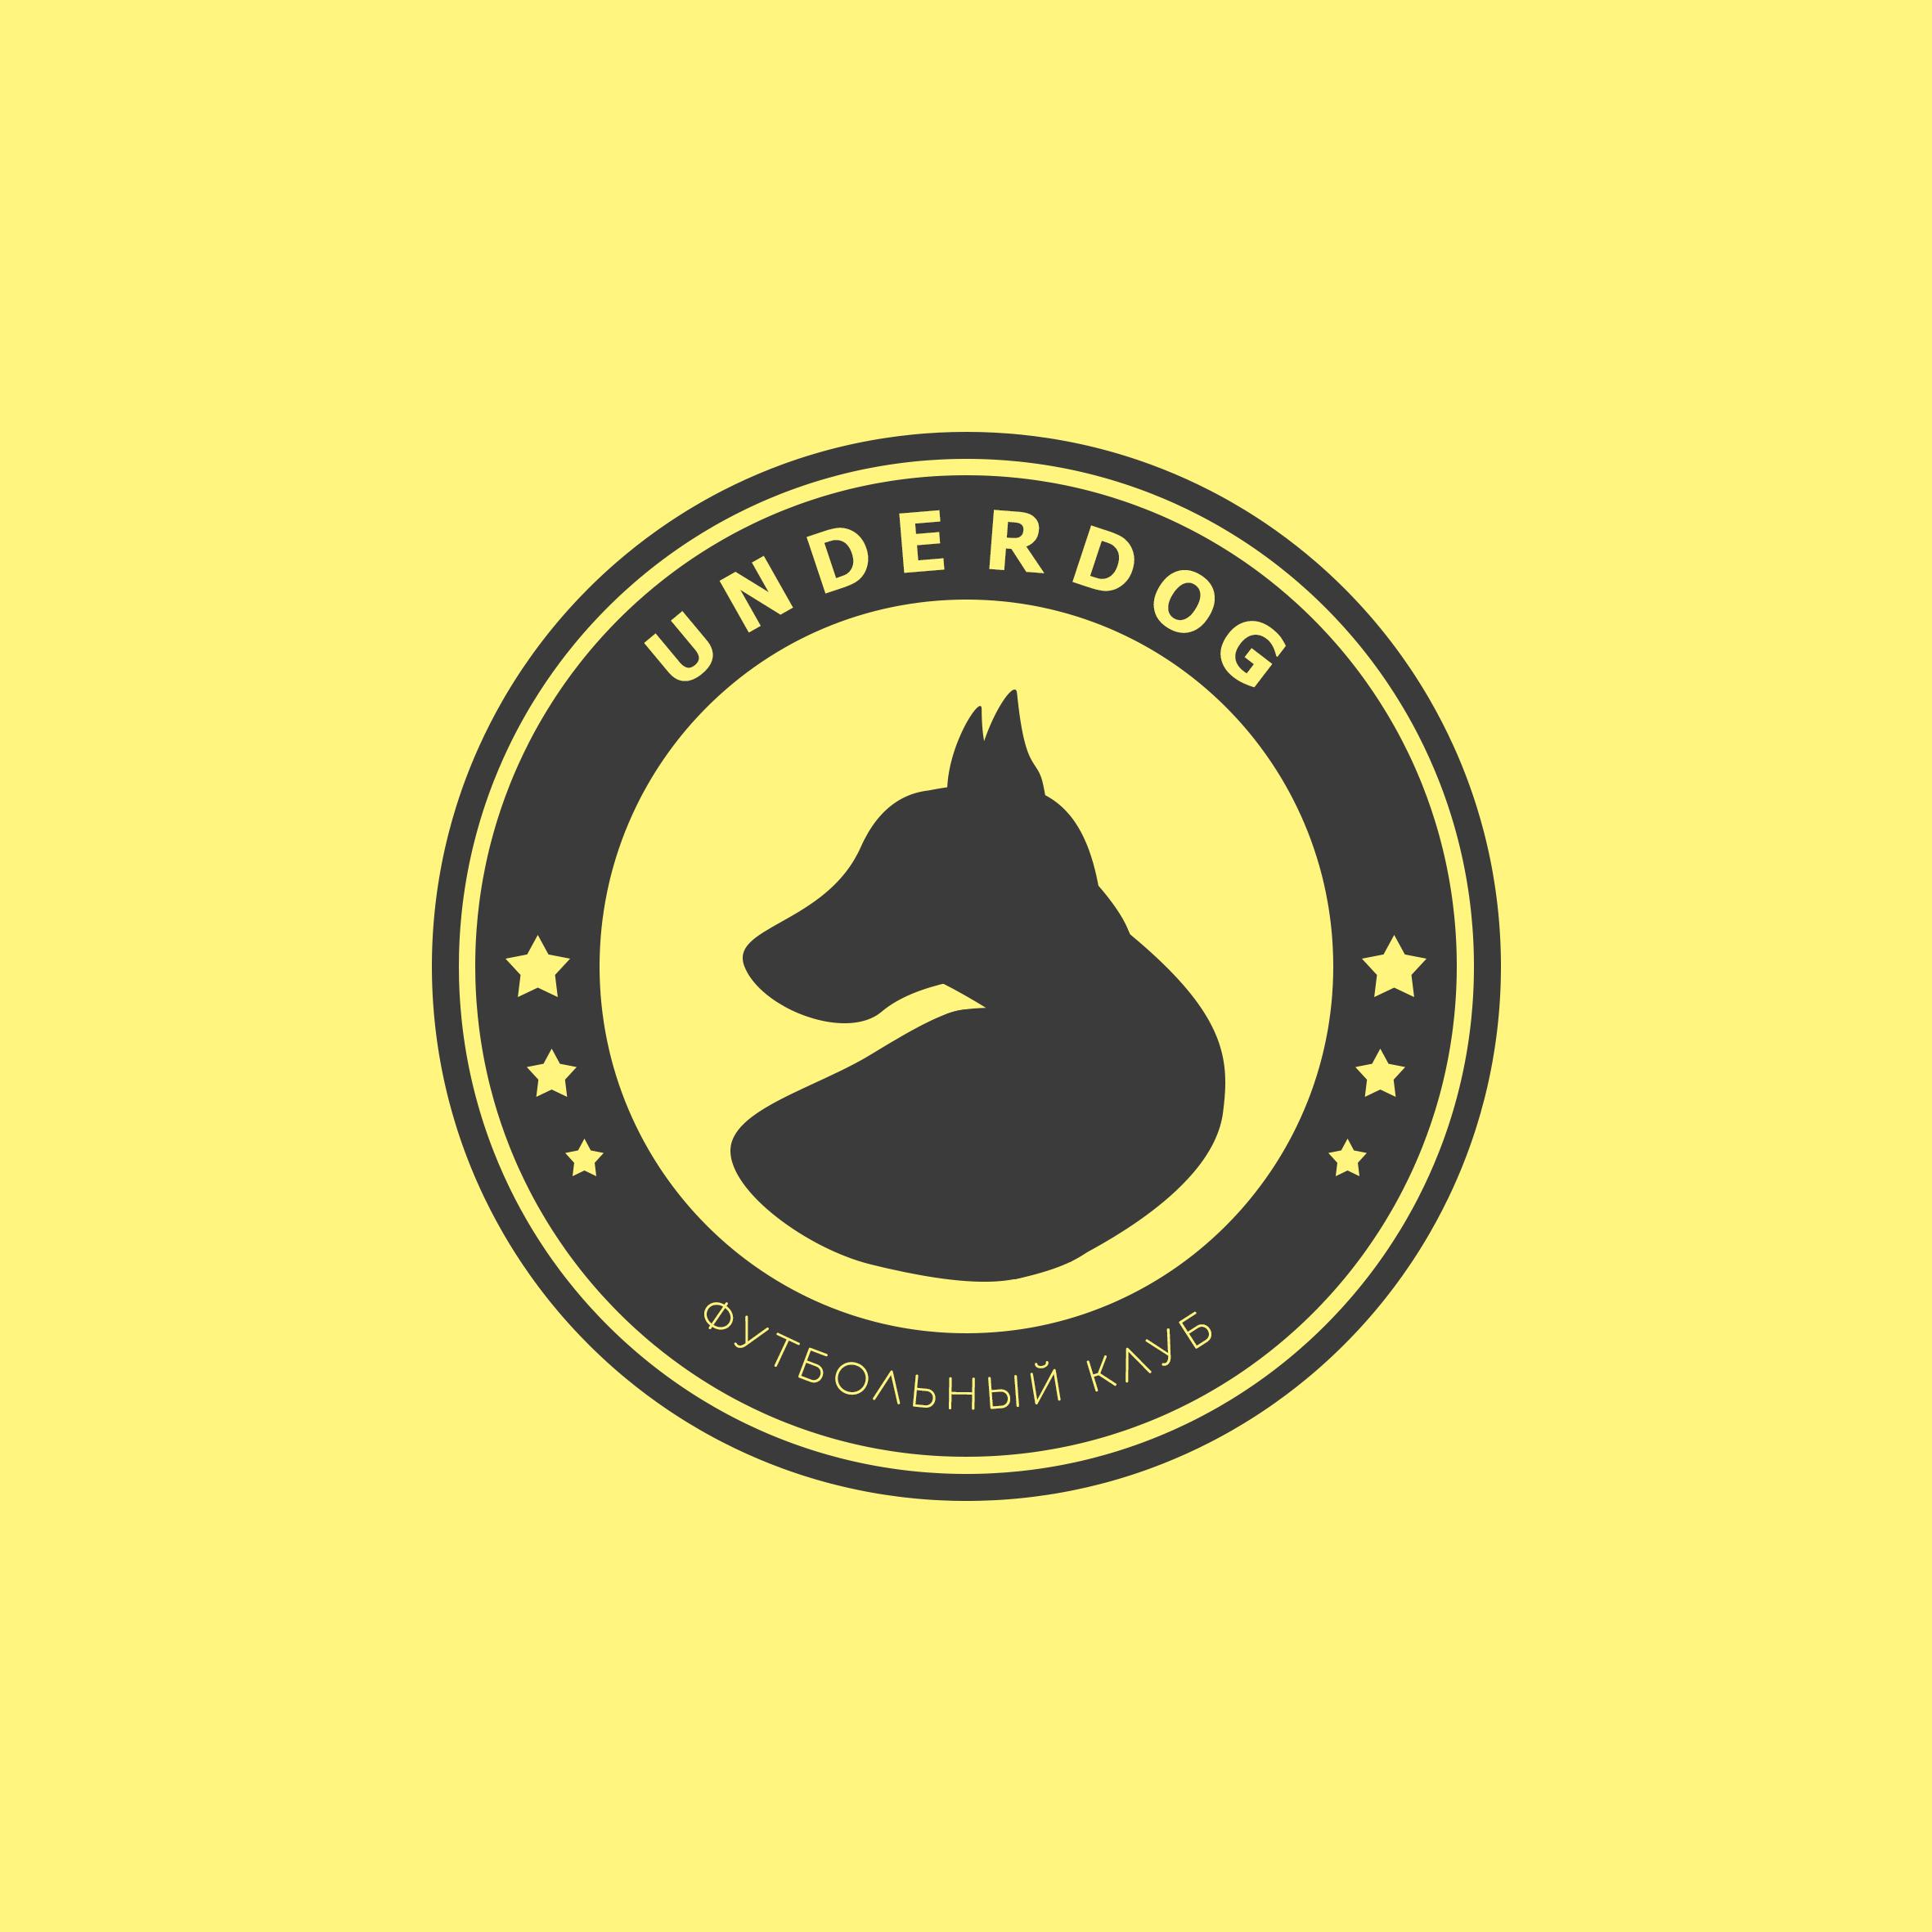 Футбольный клуб UNDERDOG - разработать фирстиль и бренд-бук фото f_7205caf001b9a8a9.jpg